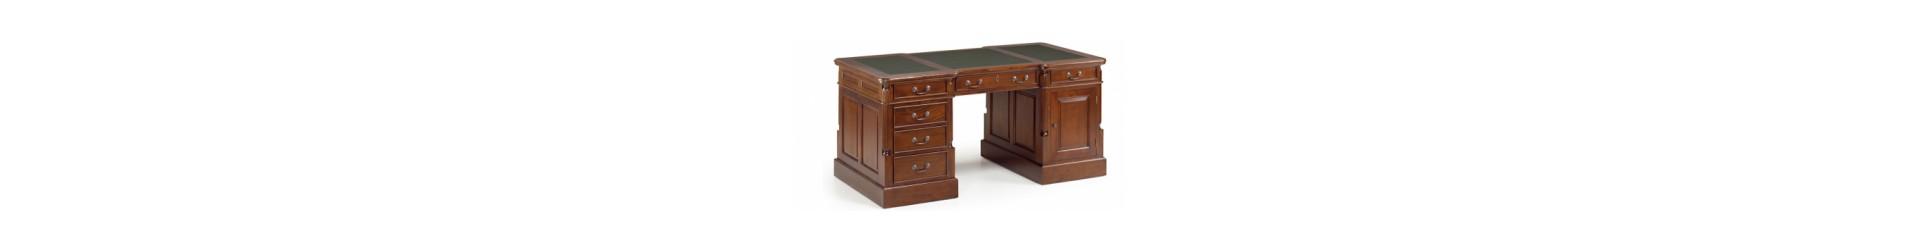 mesas de despacho y escritorio vintage